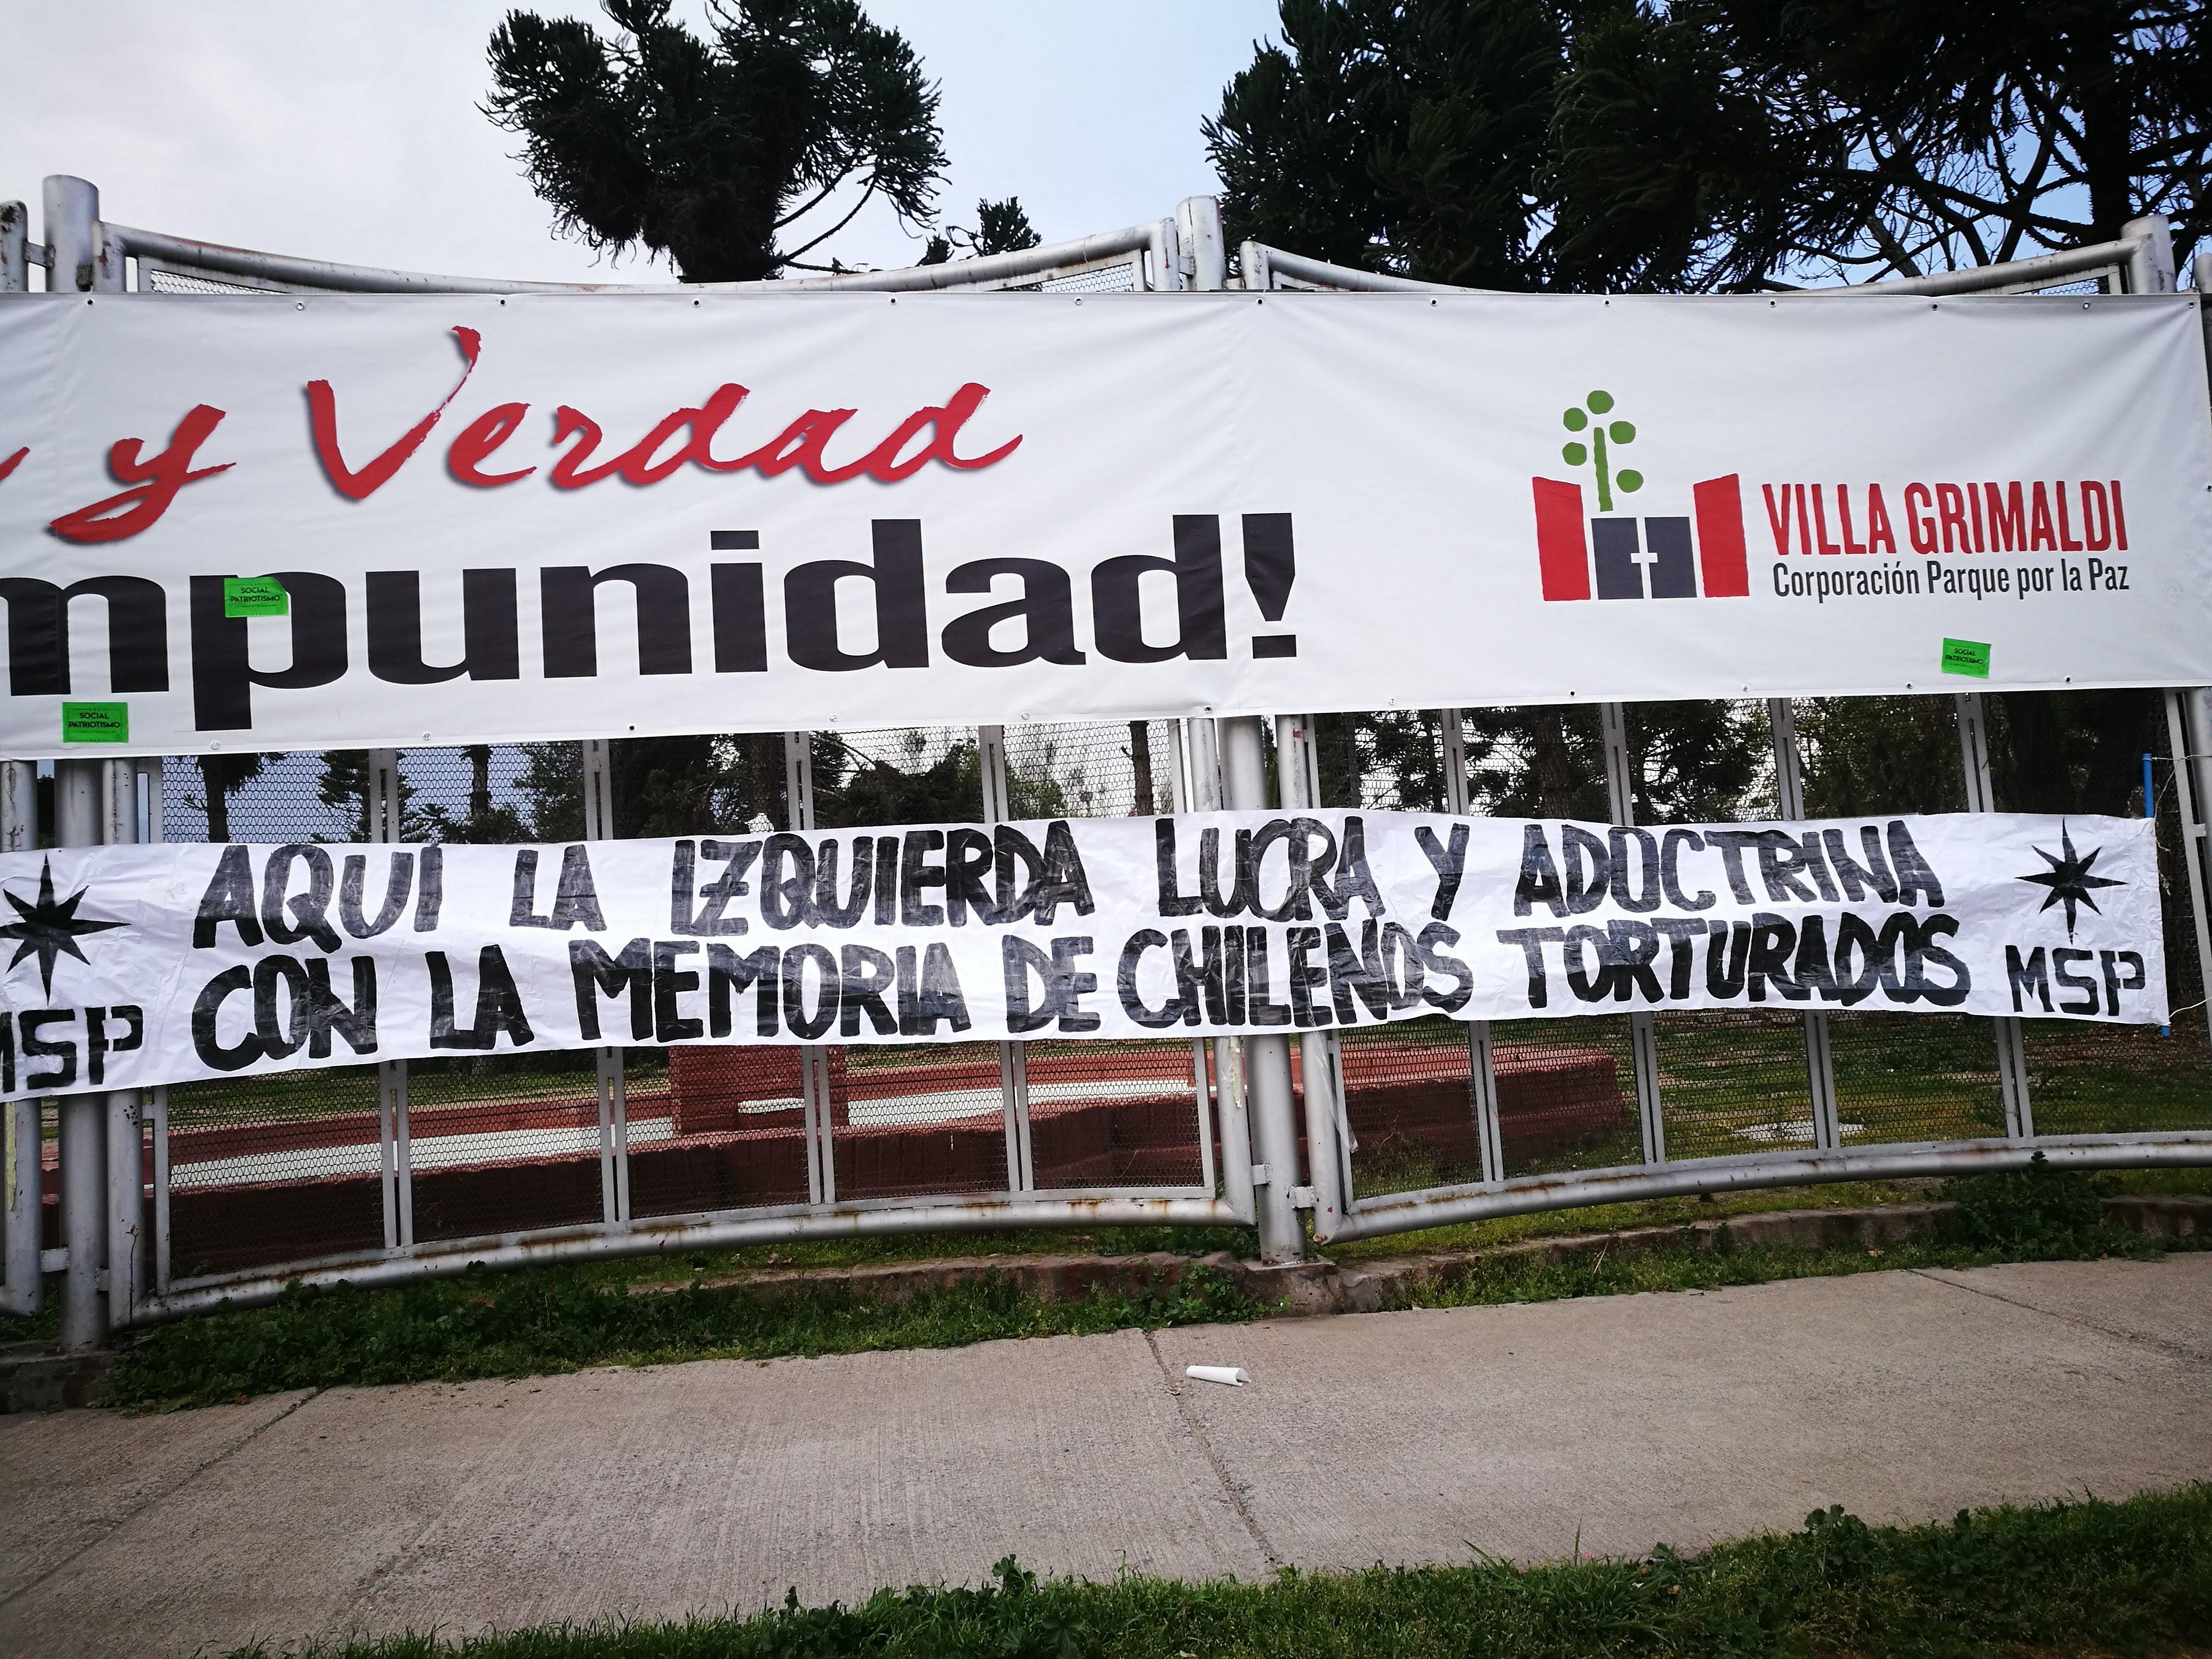 Villa Grimaldi denuncia ataque del Movimiento Social Patriota